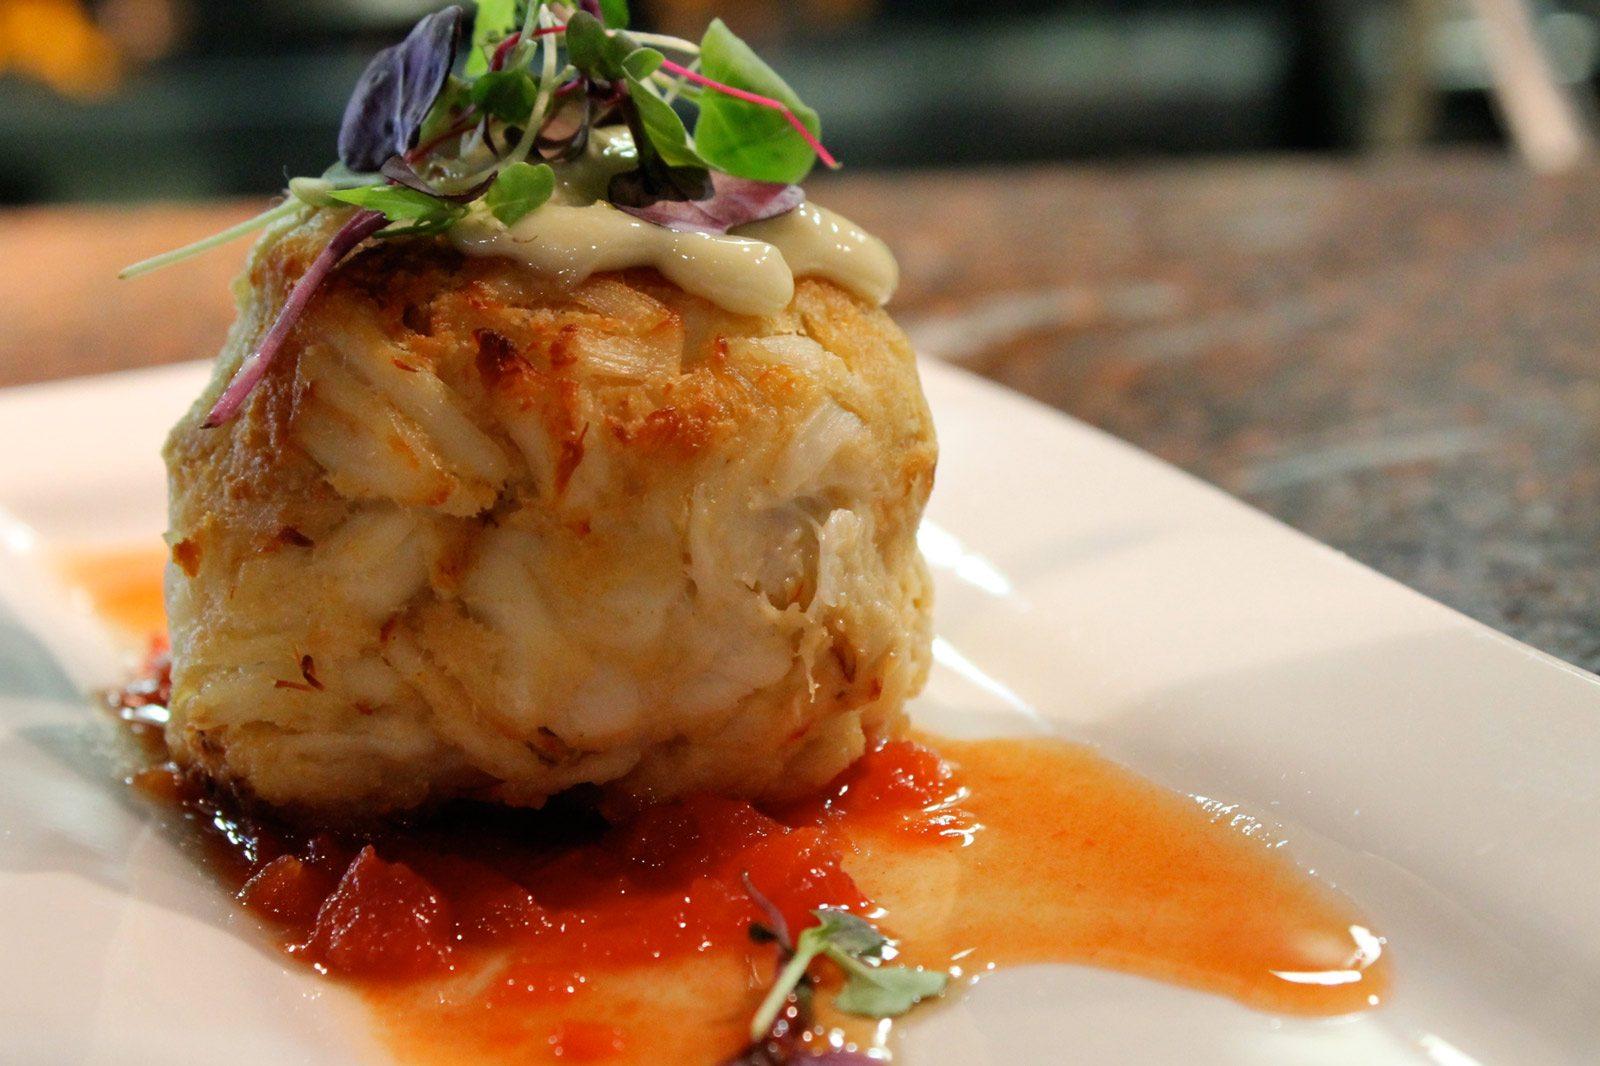 Belford's Savannah Seafood restaurant Steakhouse